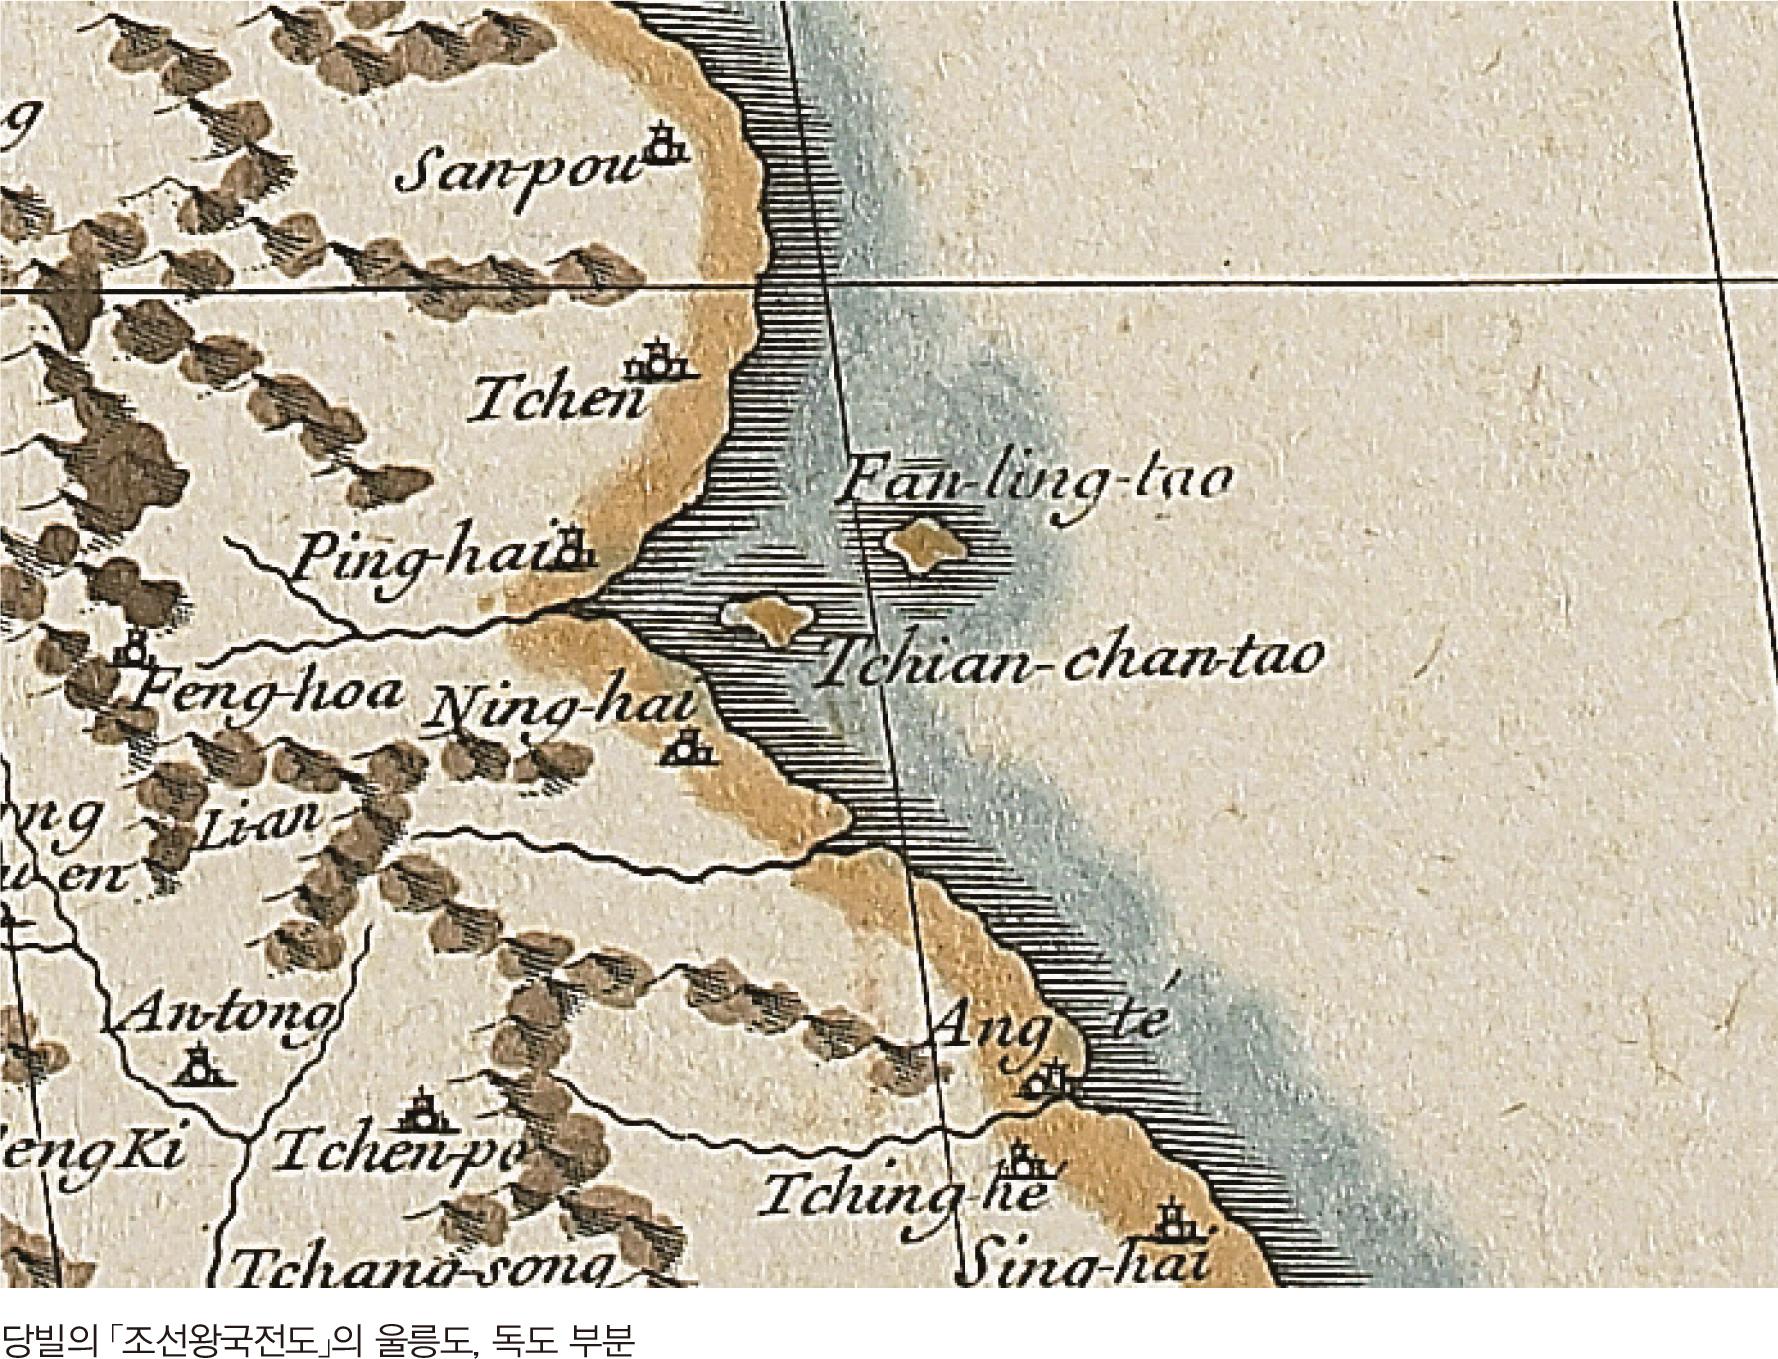 당빌의 「조선왕국전도」의 울릉도, 독도 부분